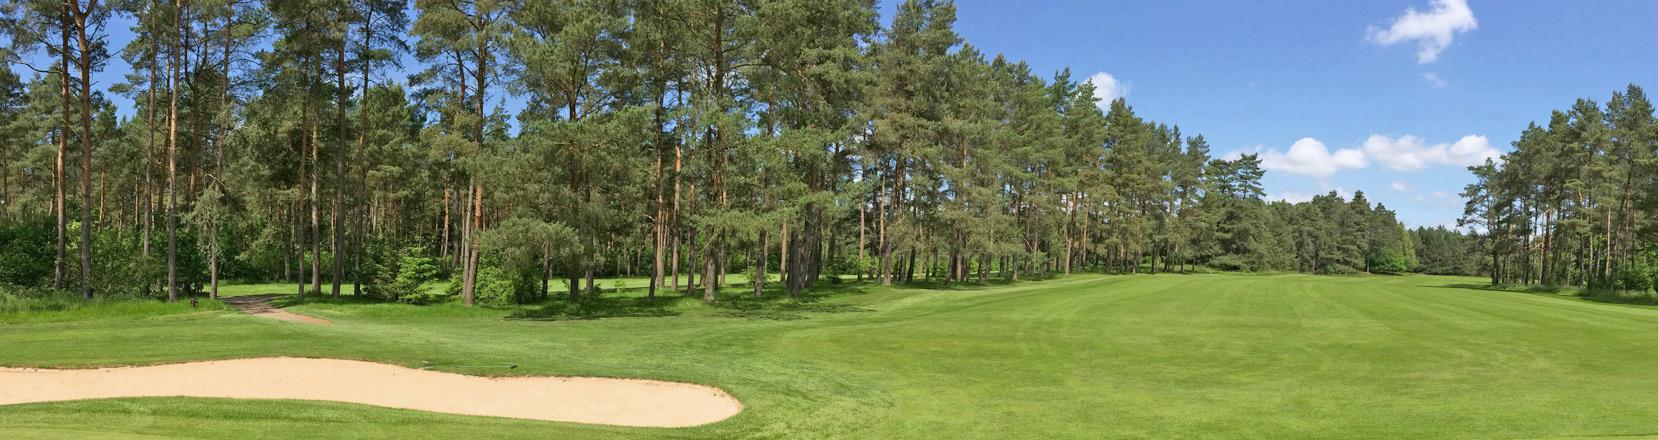 Golf Tournament Software